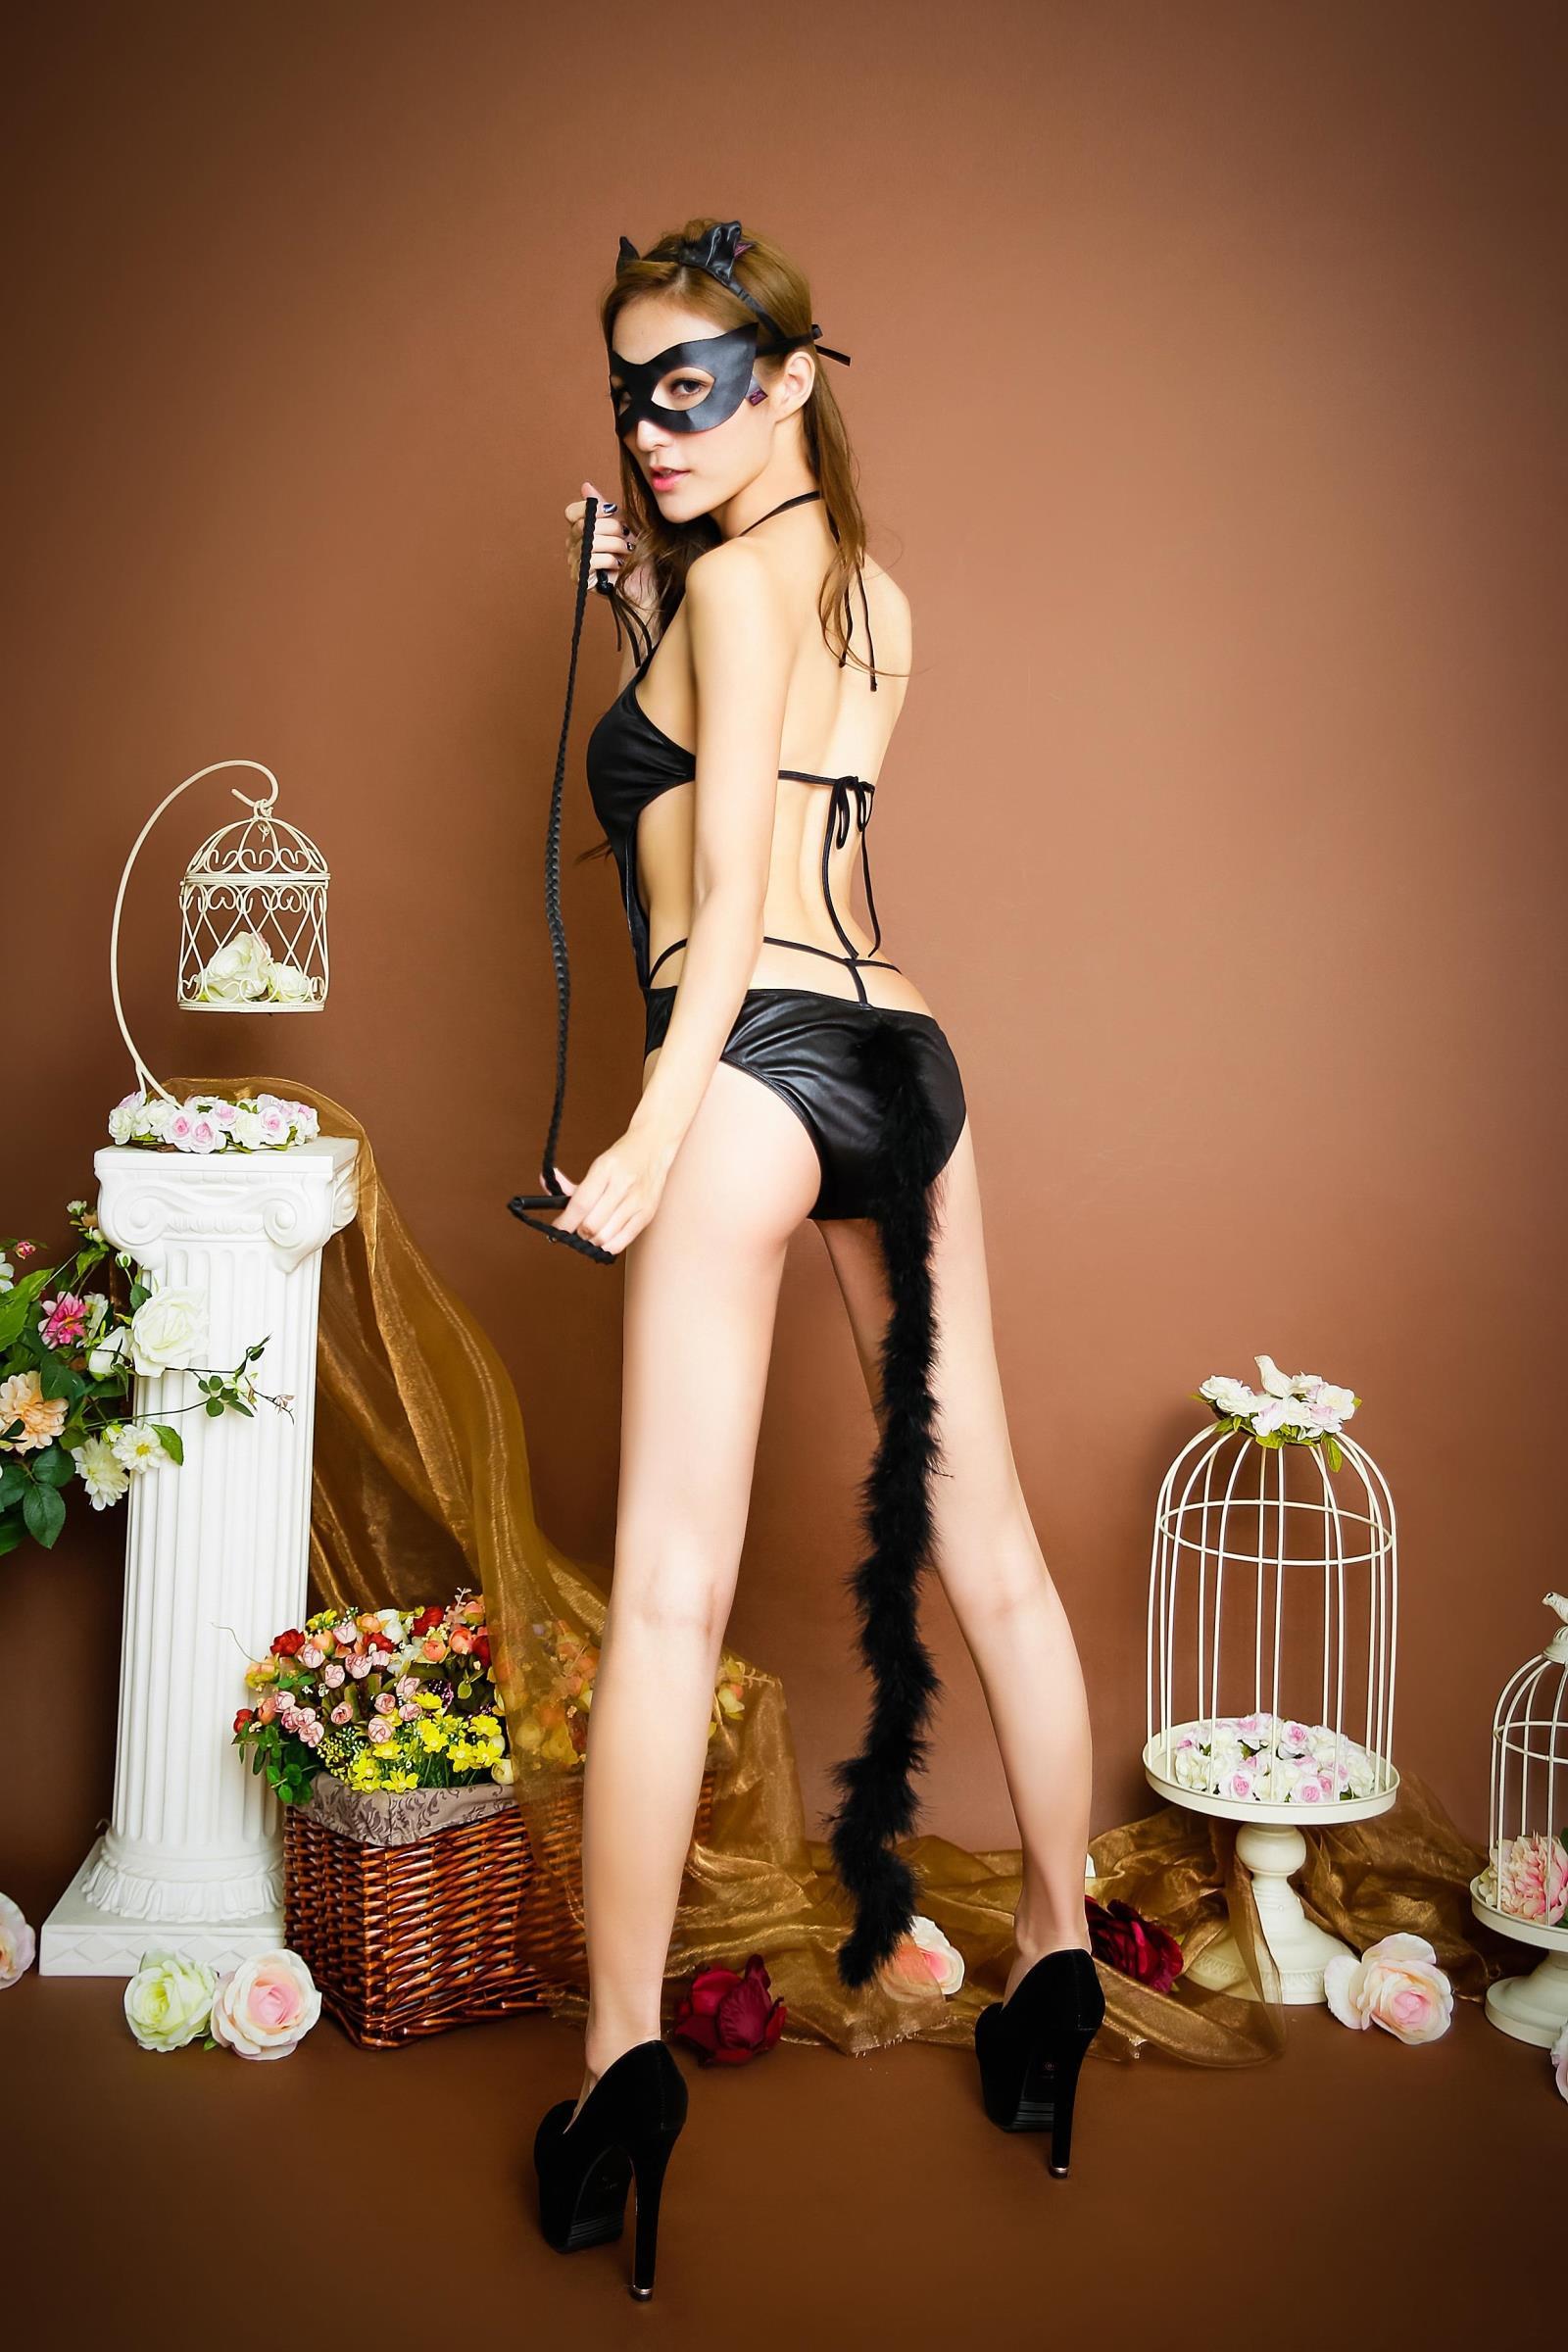 「性感小女郎皮鞭」的圖片搜尋結果